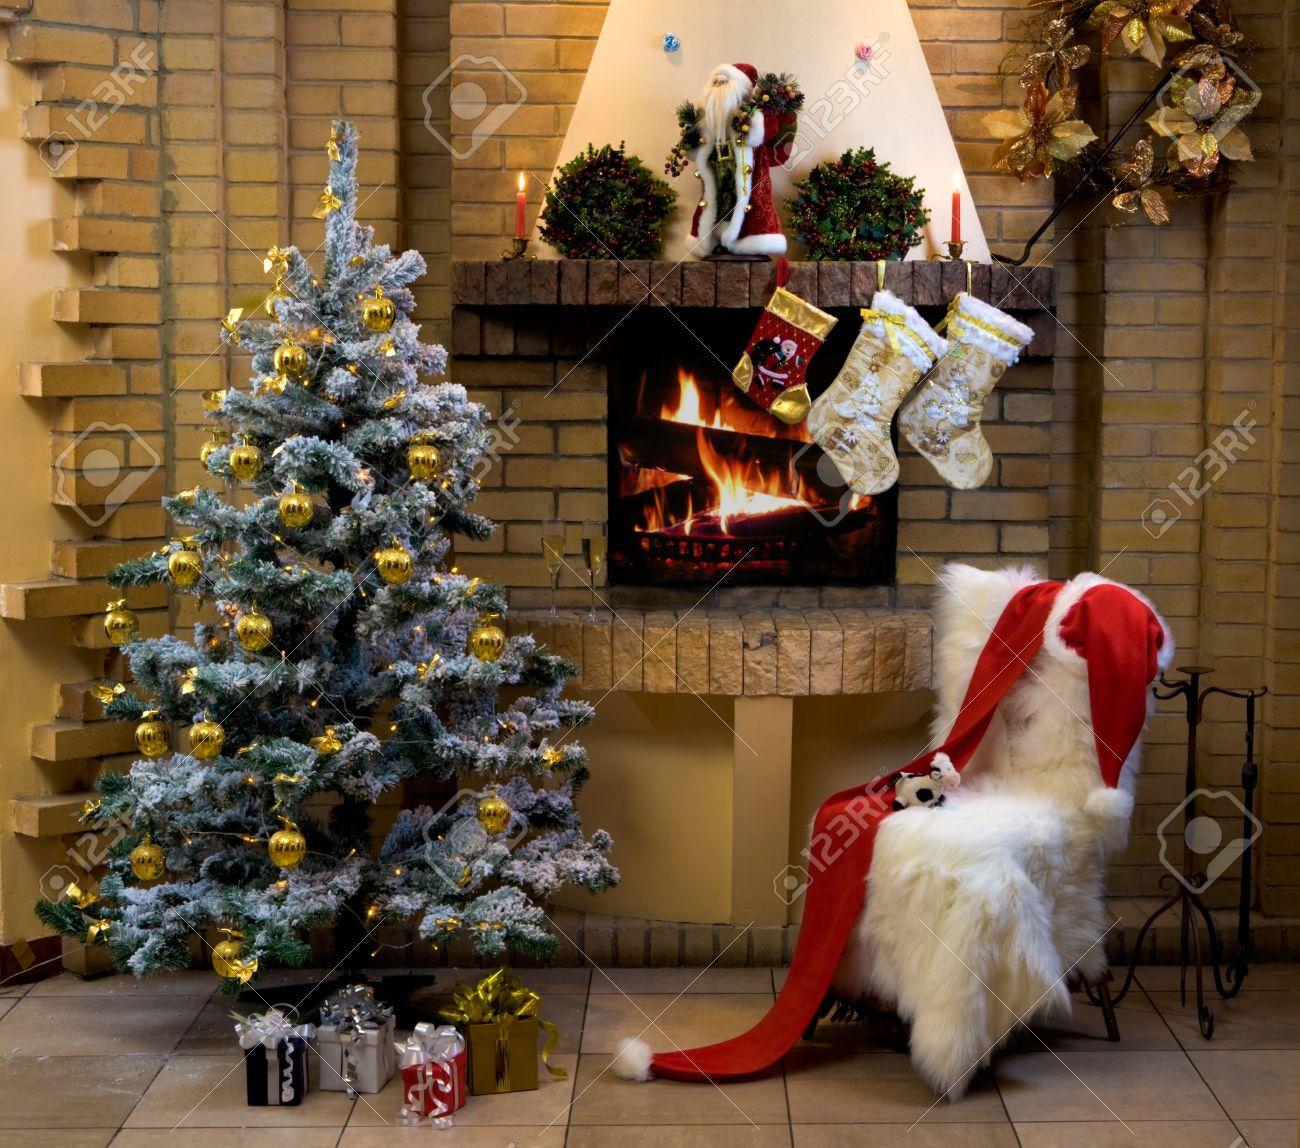 Natale Sala Con Camino, Una Sedia, Presenta Sotto Abete Decorato E ...